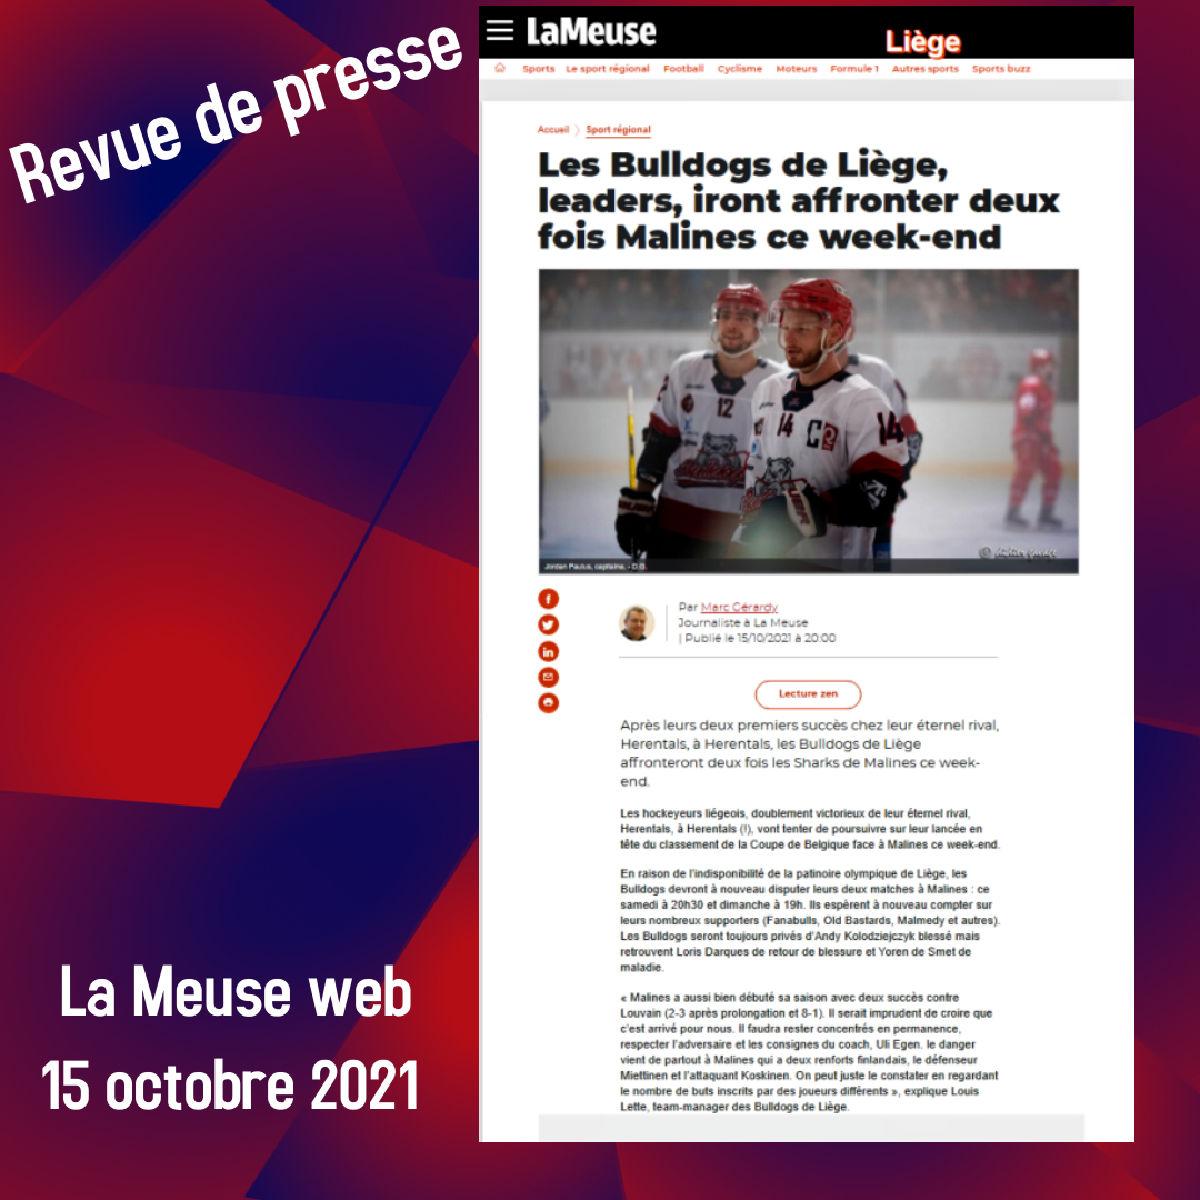 La Meuse web 15 octobre 2021